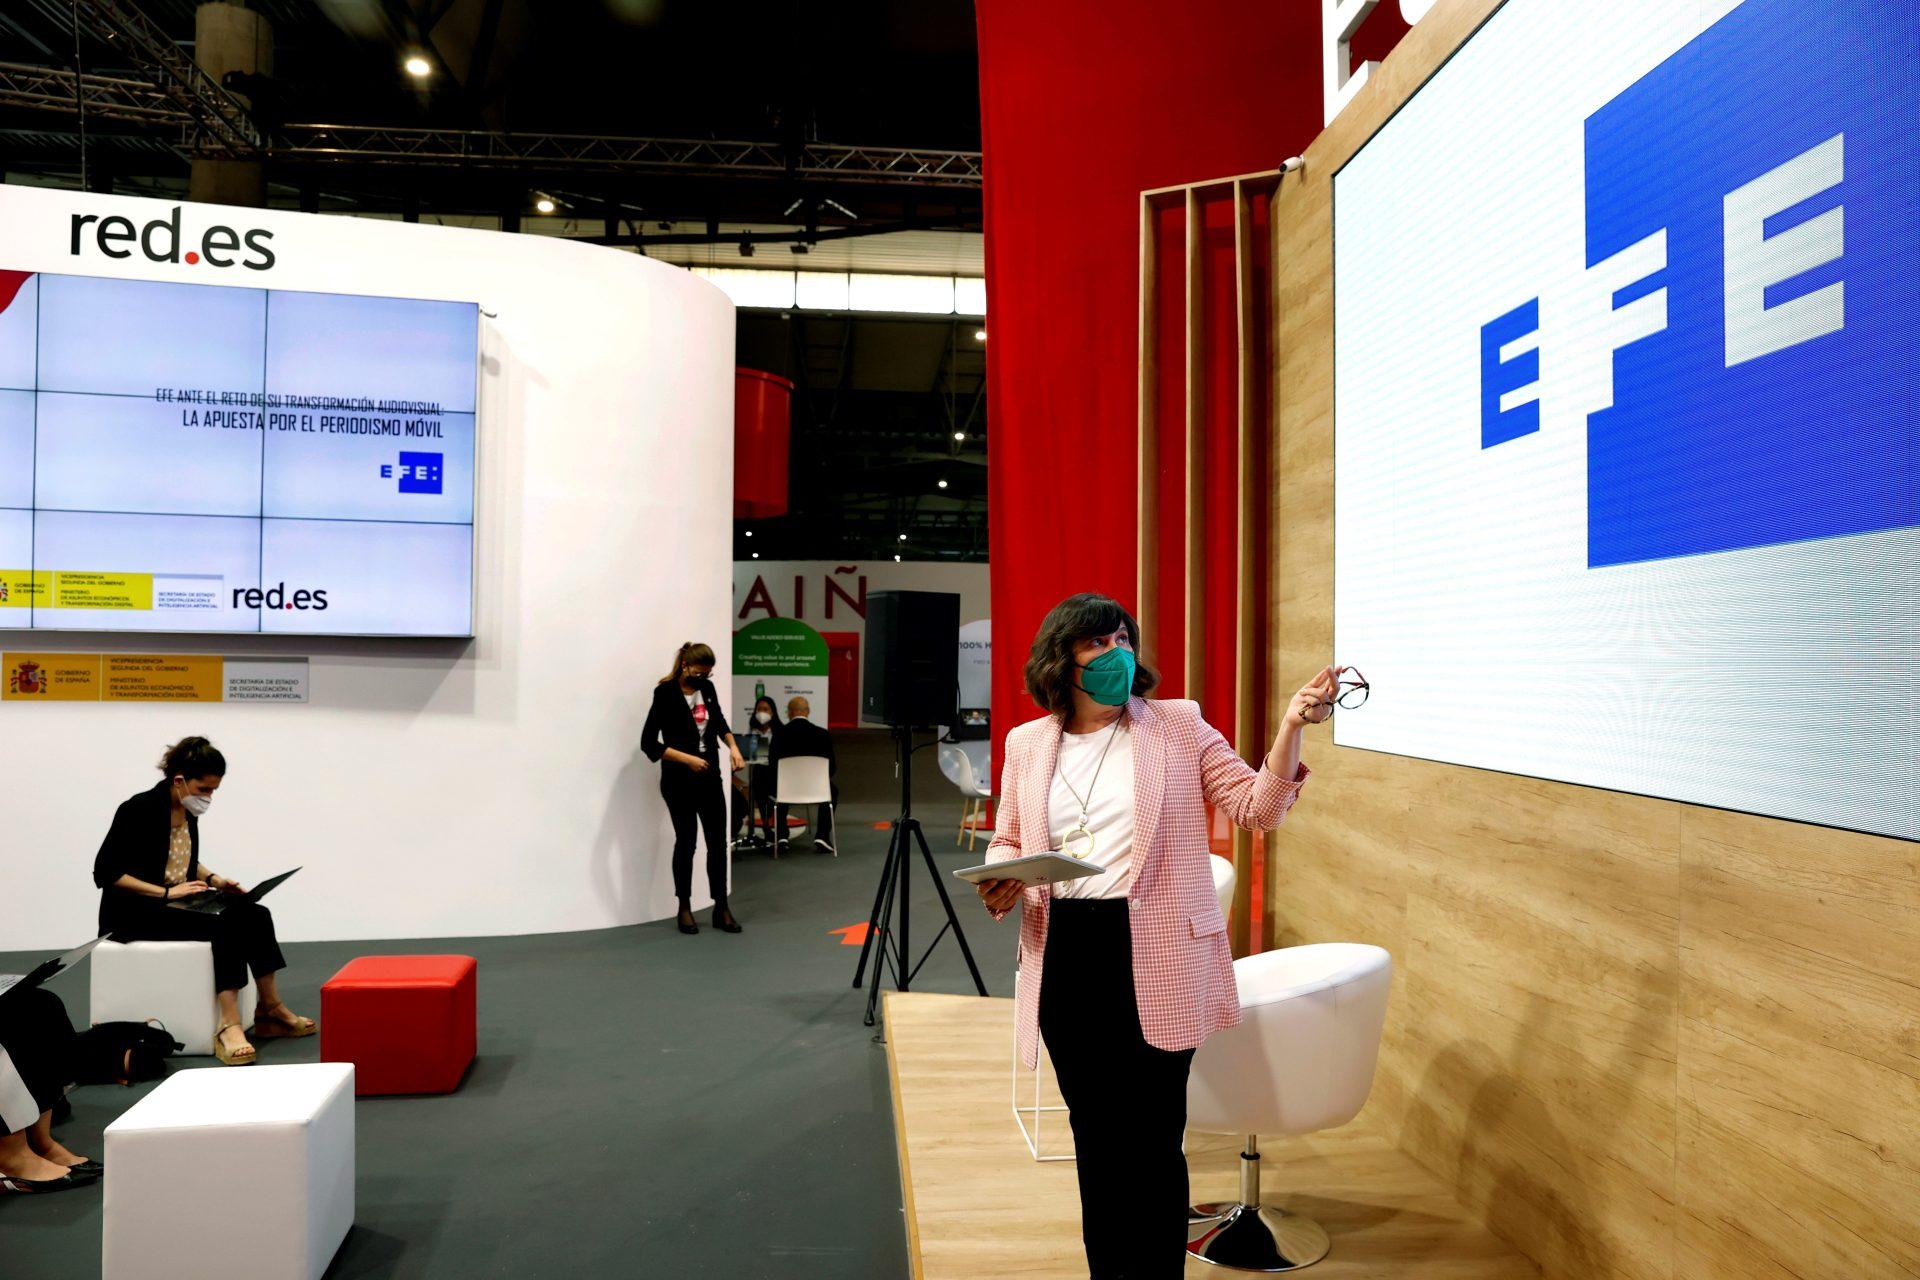 La directora de Estrategia de la Agencia Efe, Soledad Álvarez, durante la conferencia que ha pronunciado en el pabellón de España del Mobile World Congress (MWC) de Barcelona